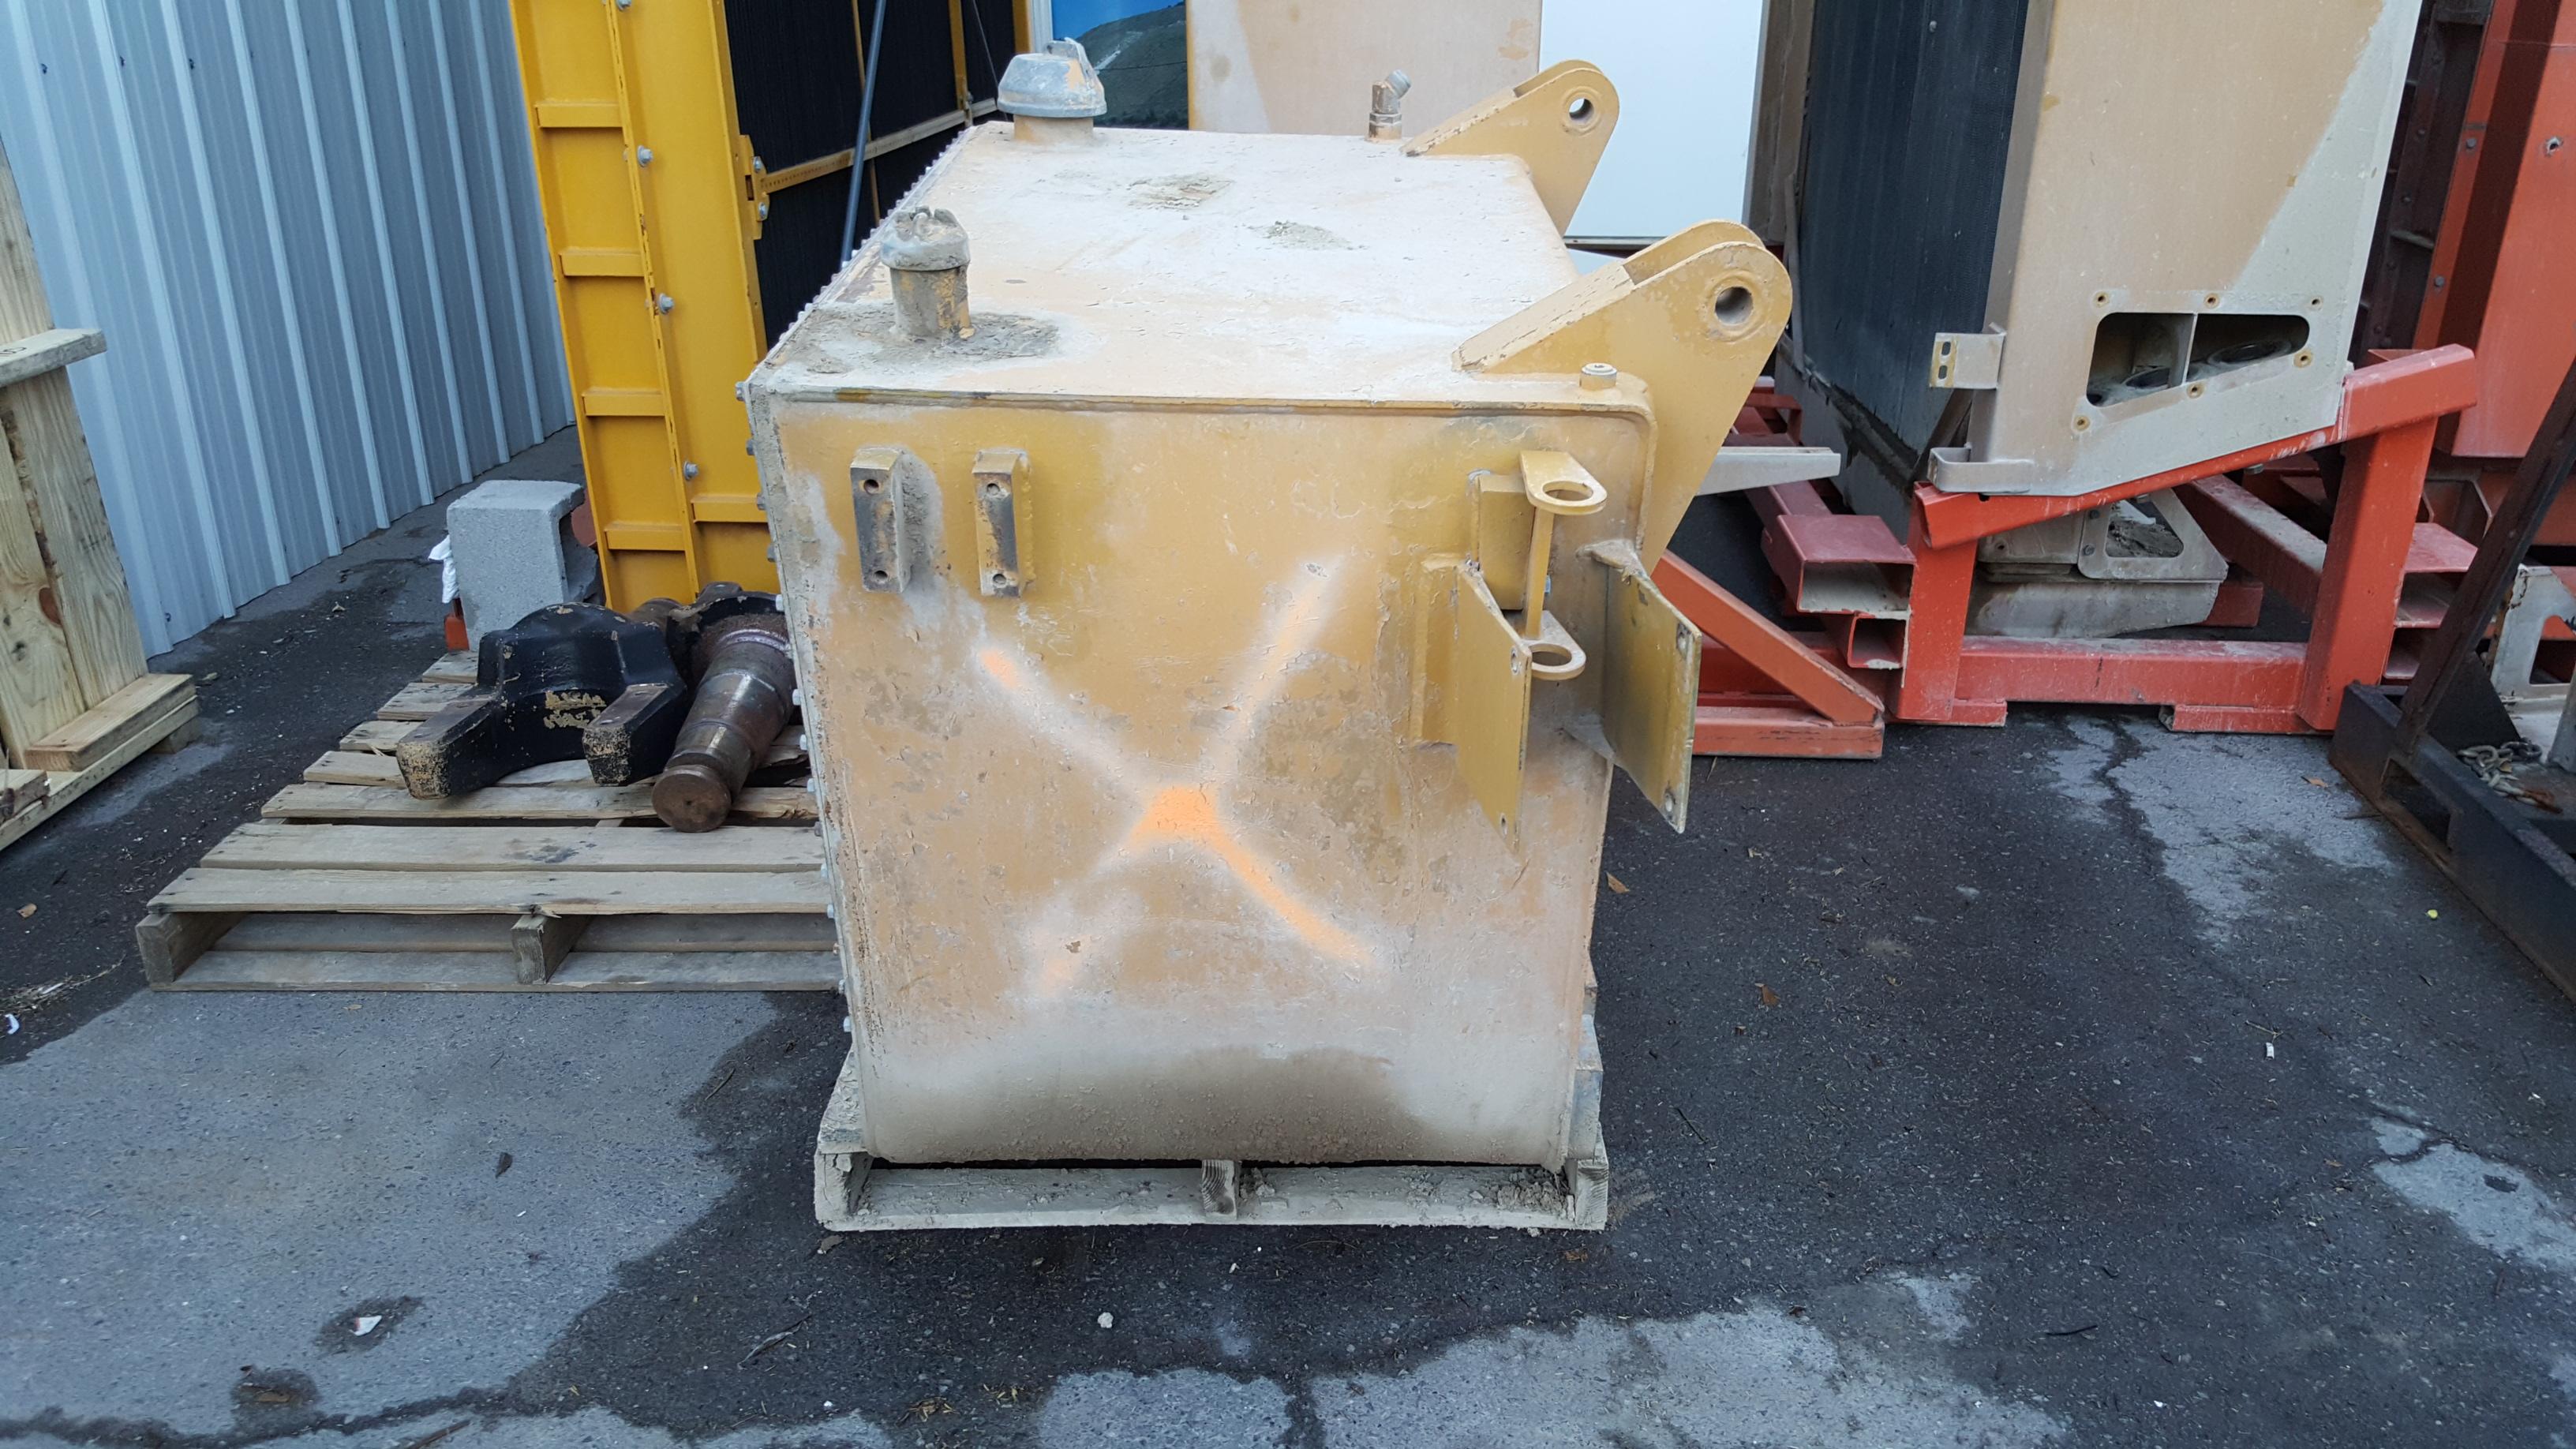 Caterpillar 785 Haul Truck Hydraulic Tank Repair and